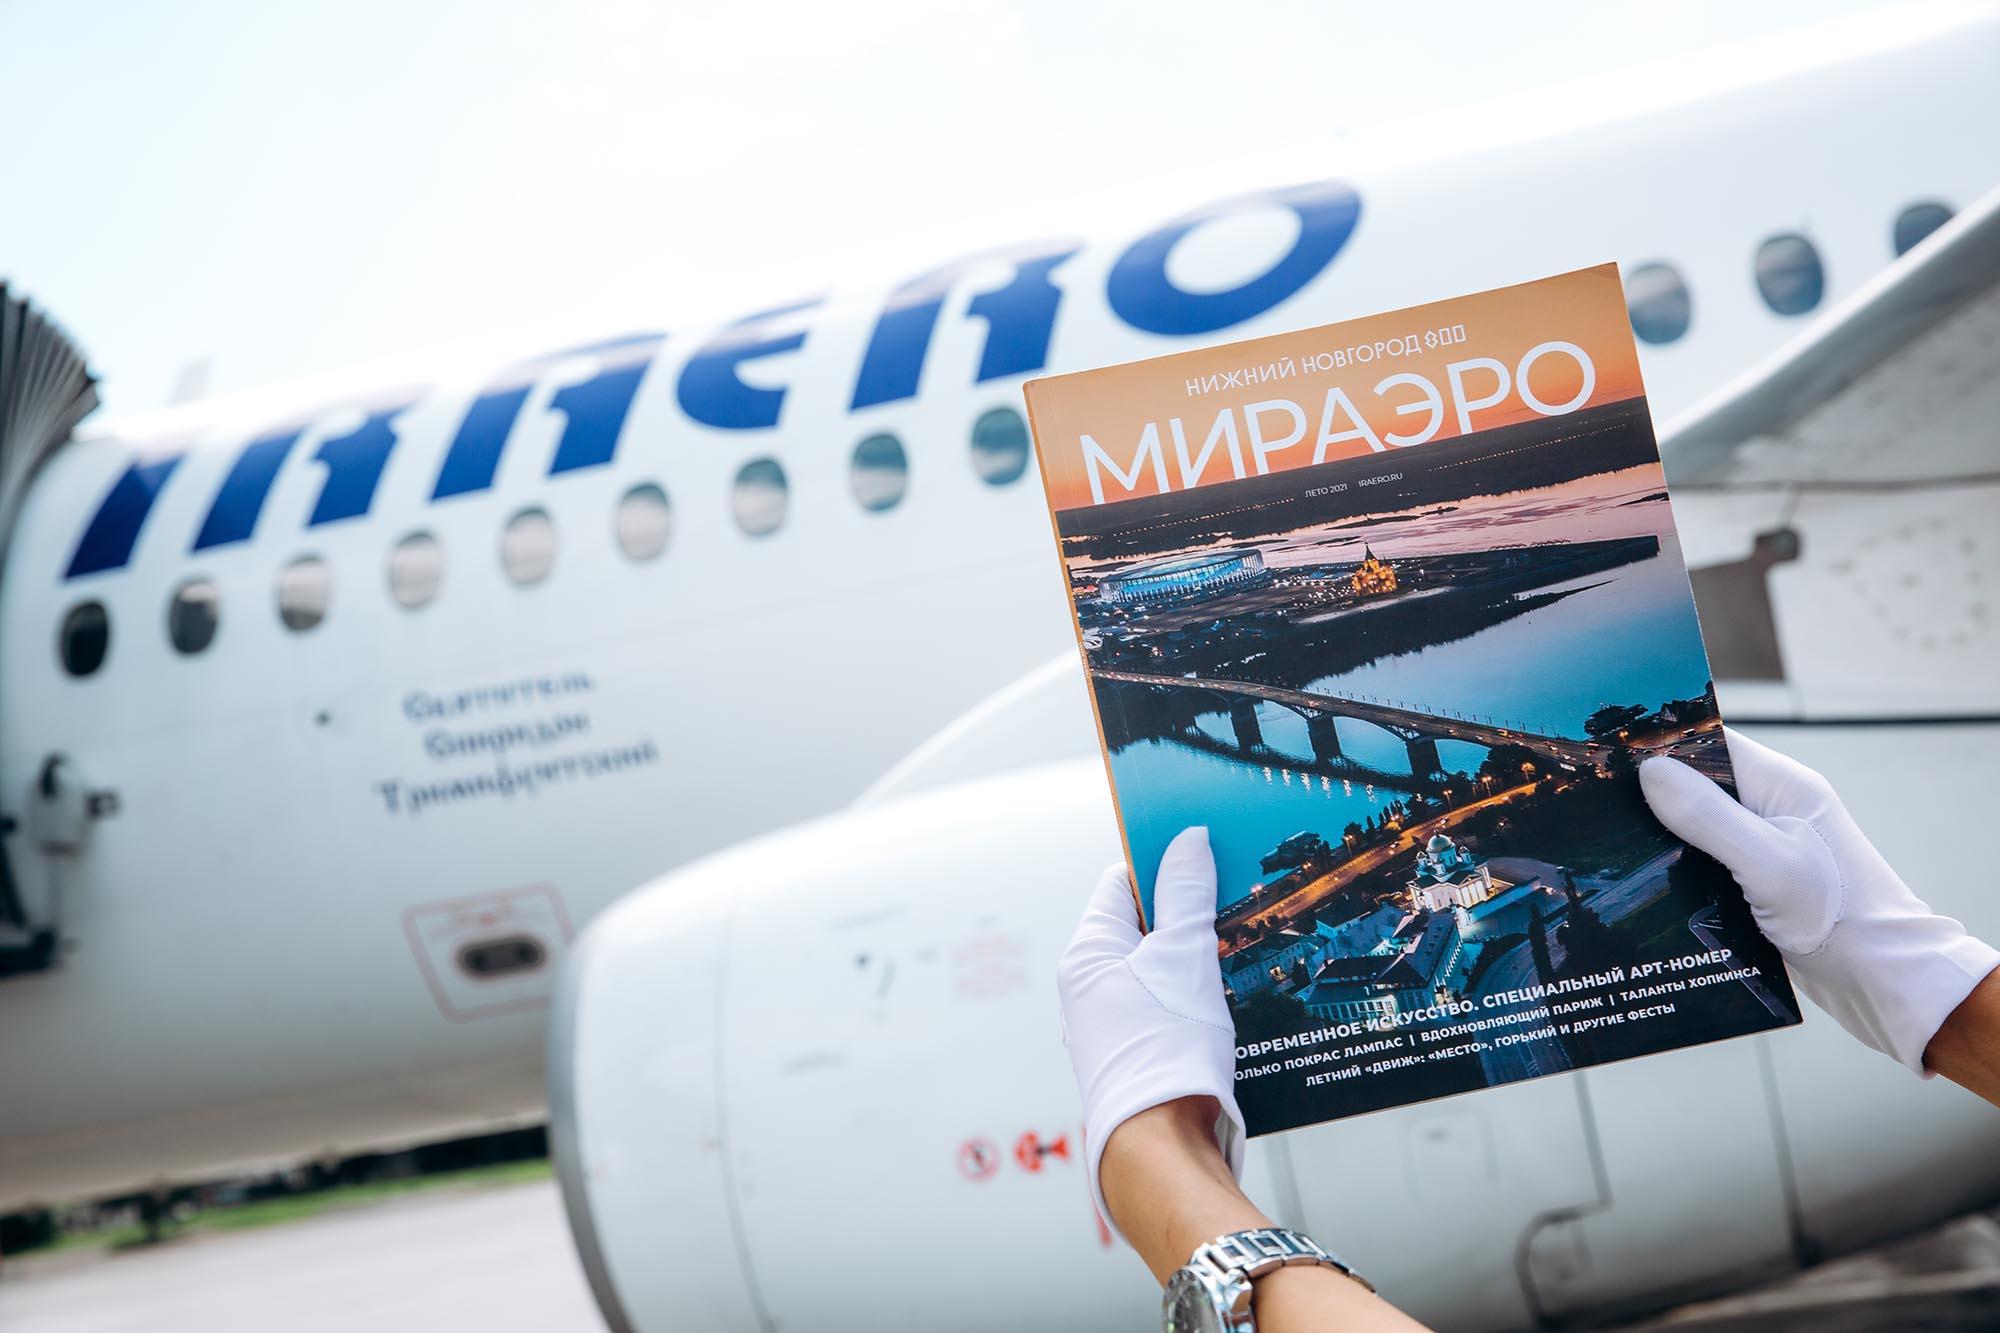 Материалы, посвященные 800-летию Нижнего Новгорода, опубликованы в летнем номере бортового журнала российской авиакомпании